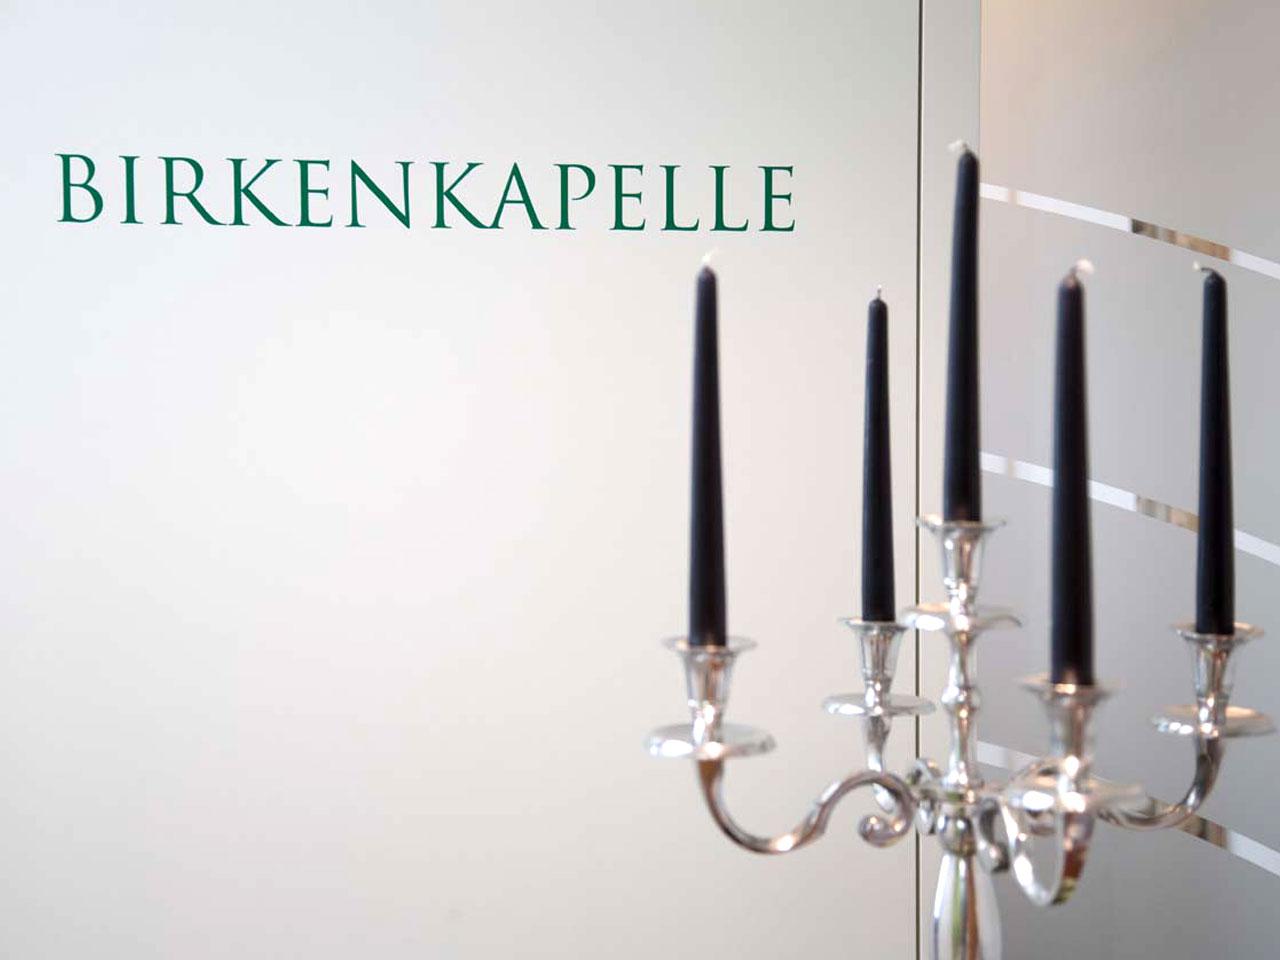 Birkenkapelle